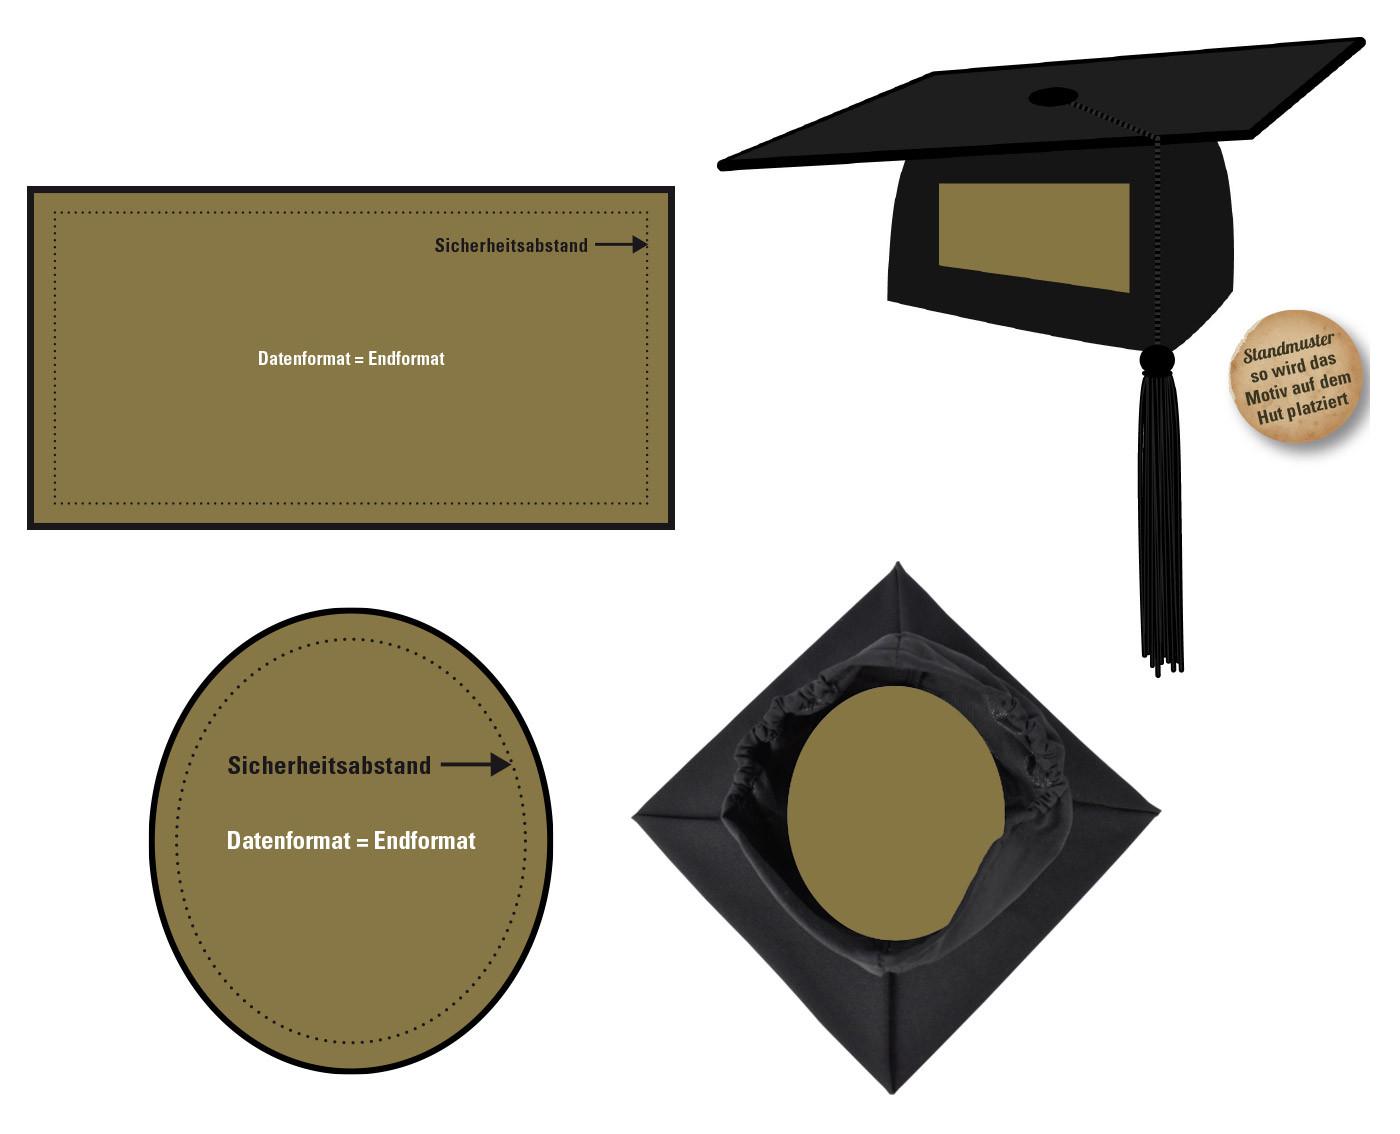 Datenformate und Druckvorlagen für Doktorhüte oder Collegehüte mit Abimotto bedruckt